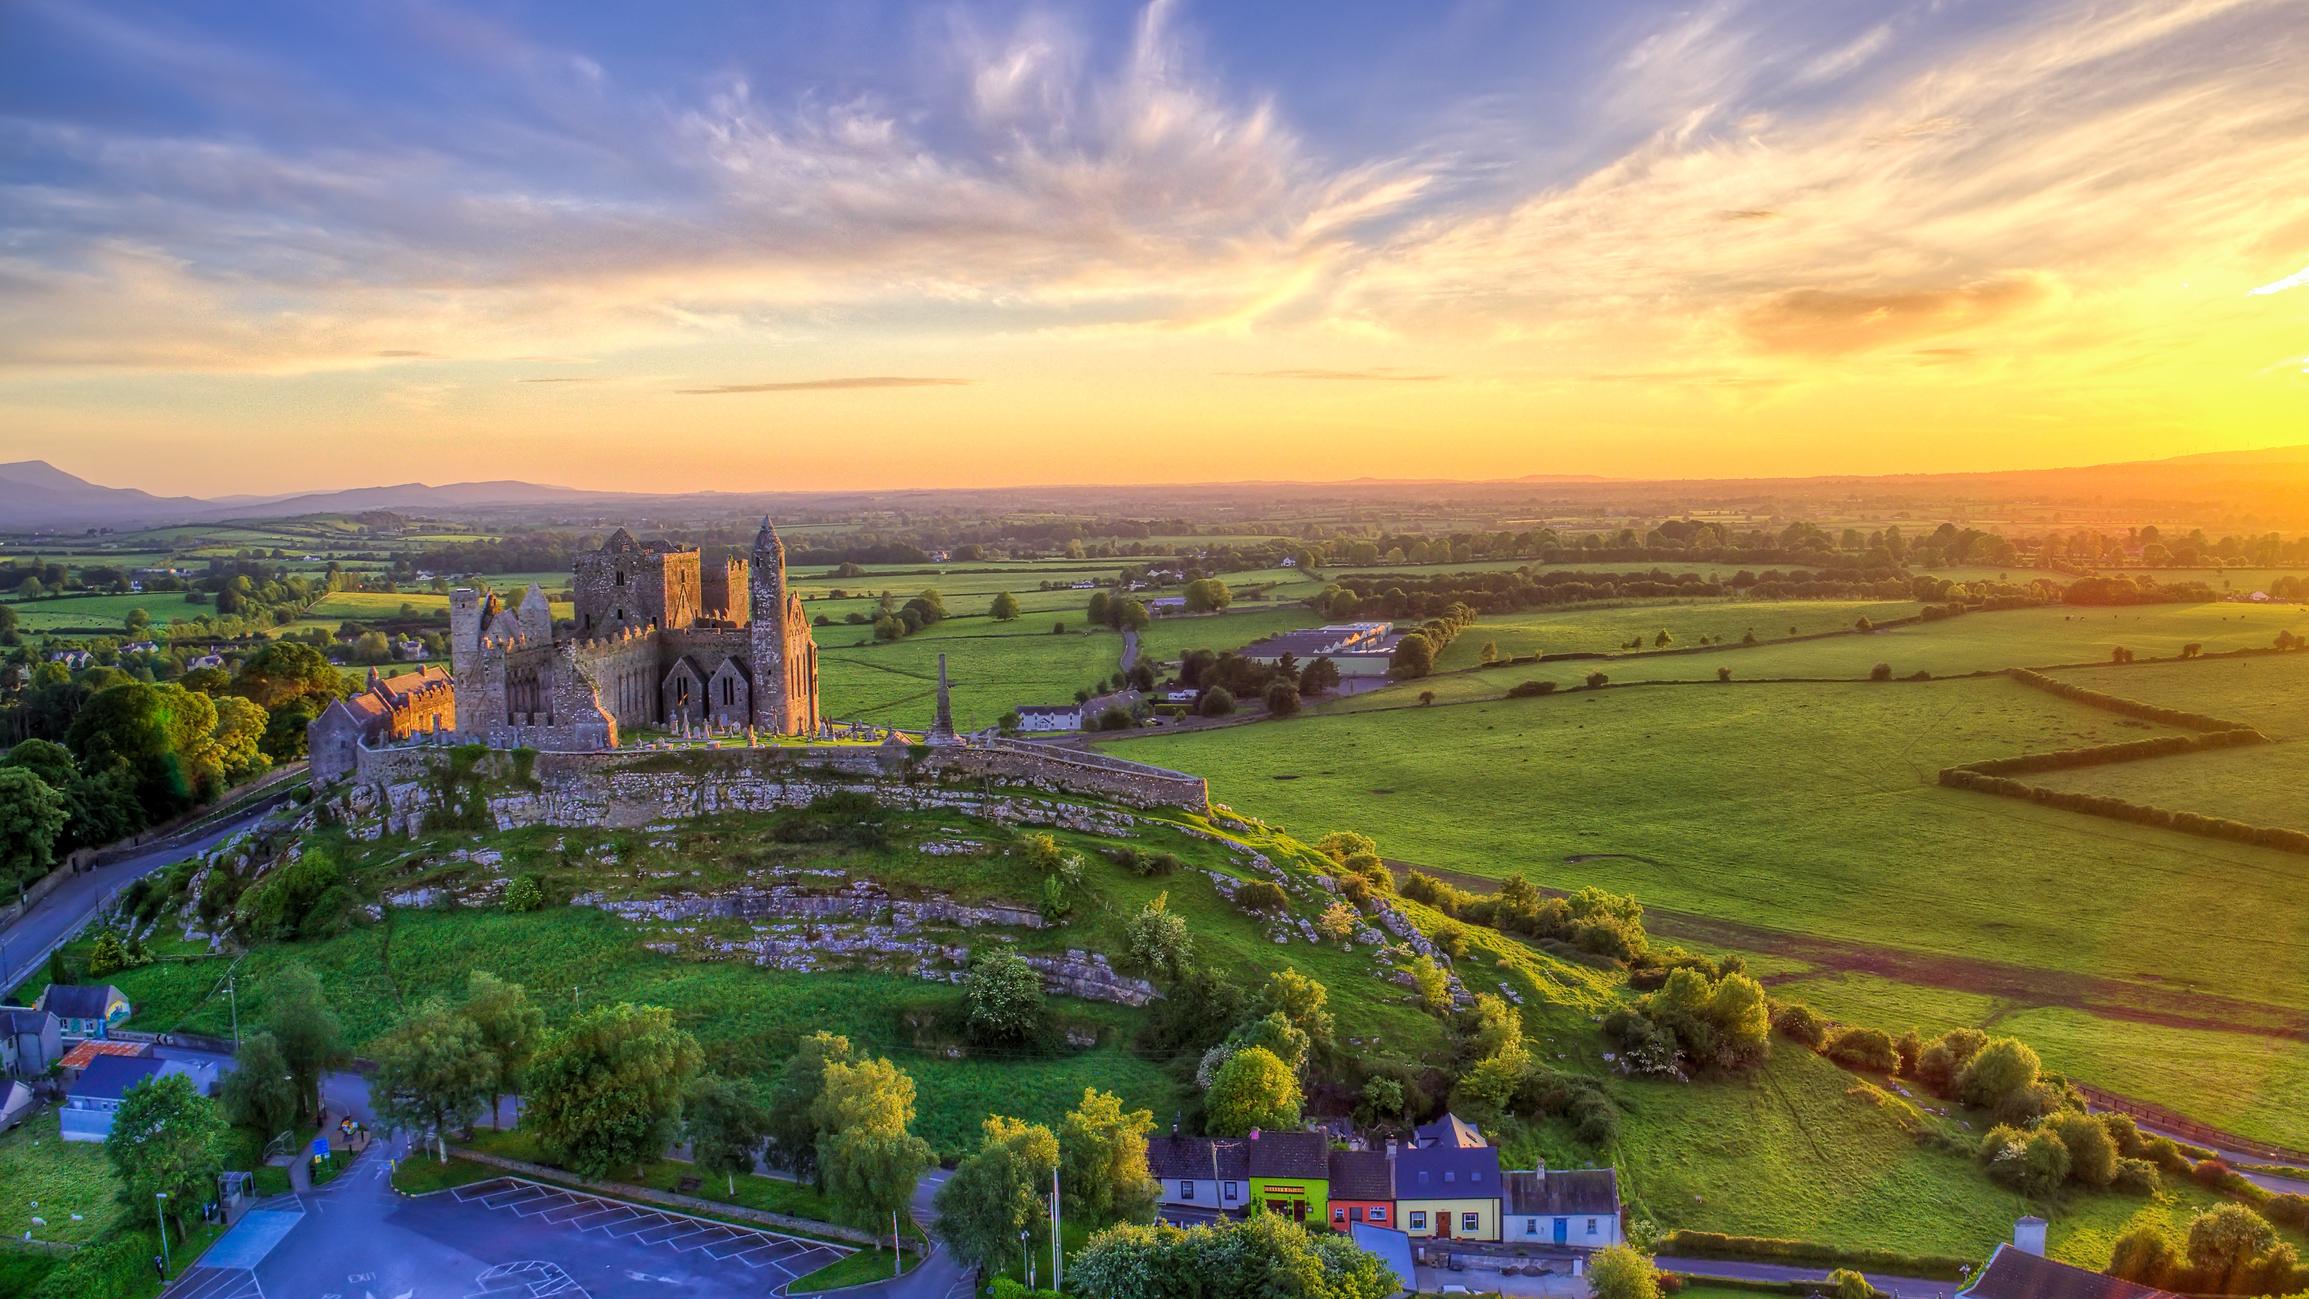 Rock of Cashel castle, Co. Tipperary, Ireland